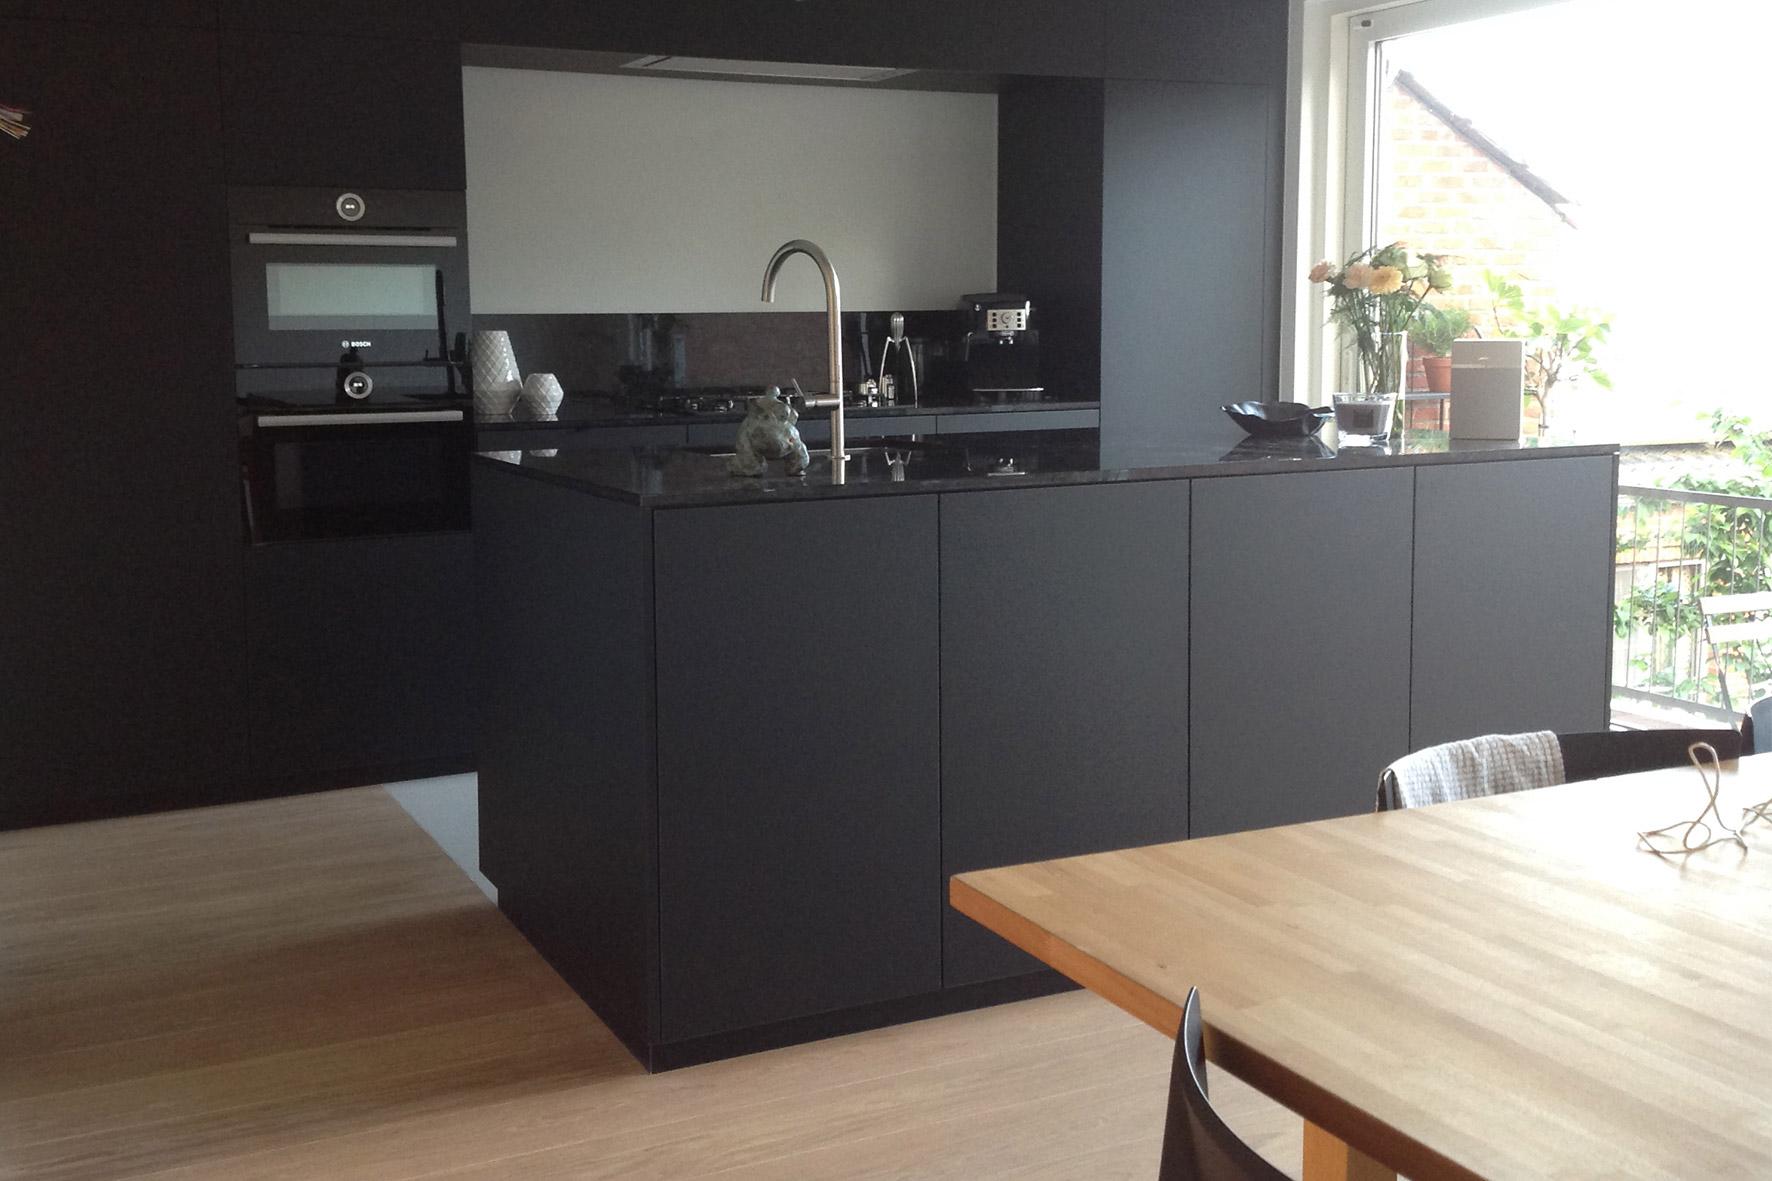 Mat keuken zwart home design idee n en meubilair inspiraties - Werkblad graniet prijzen keuken ...